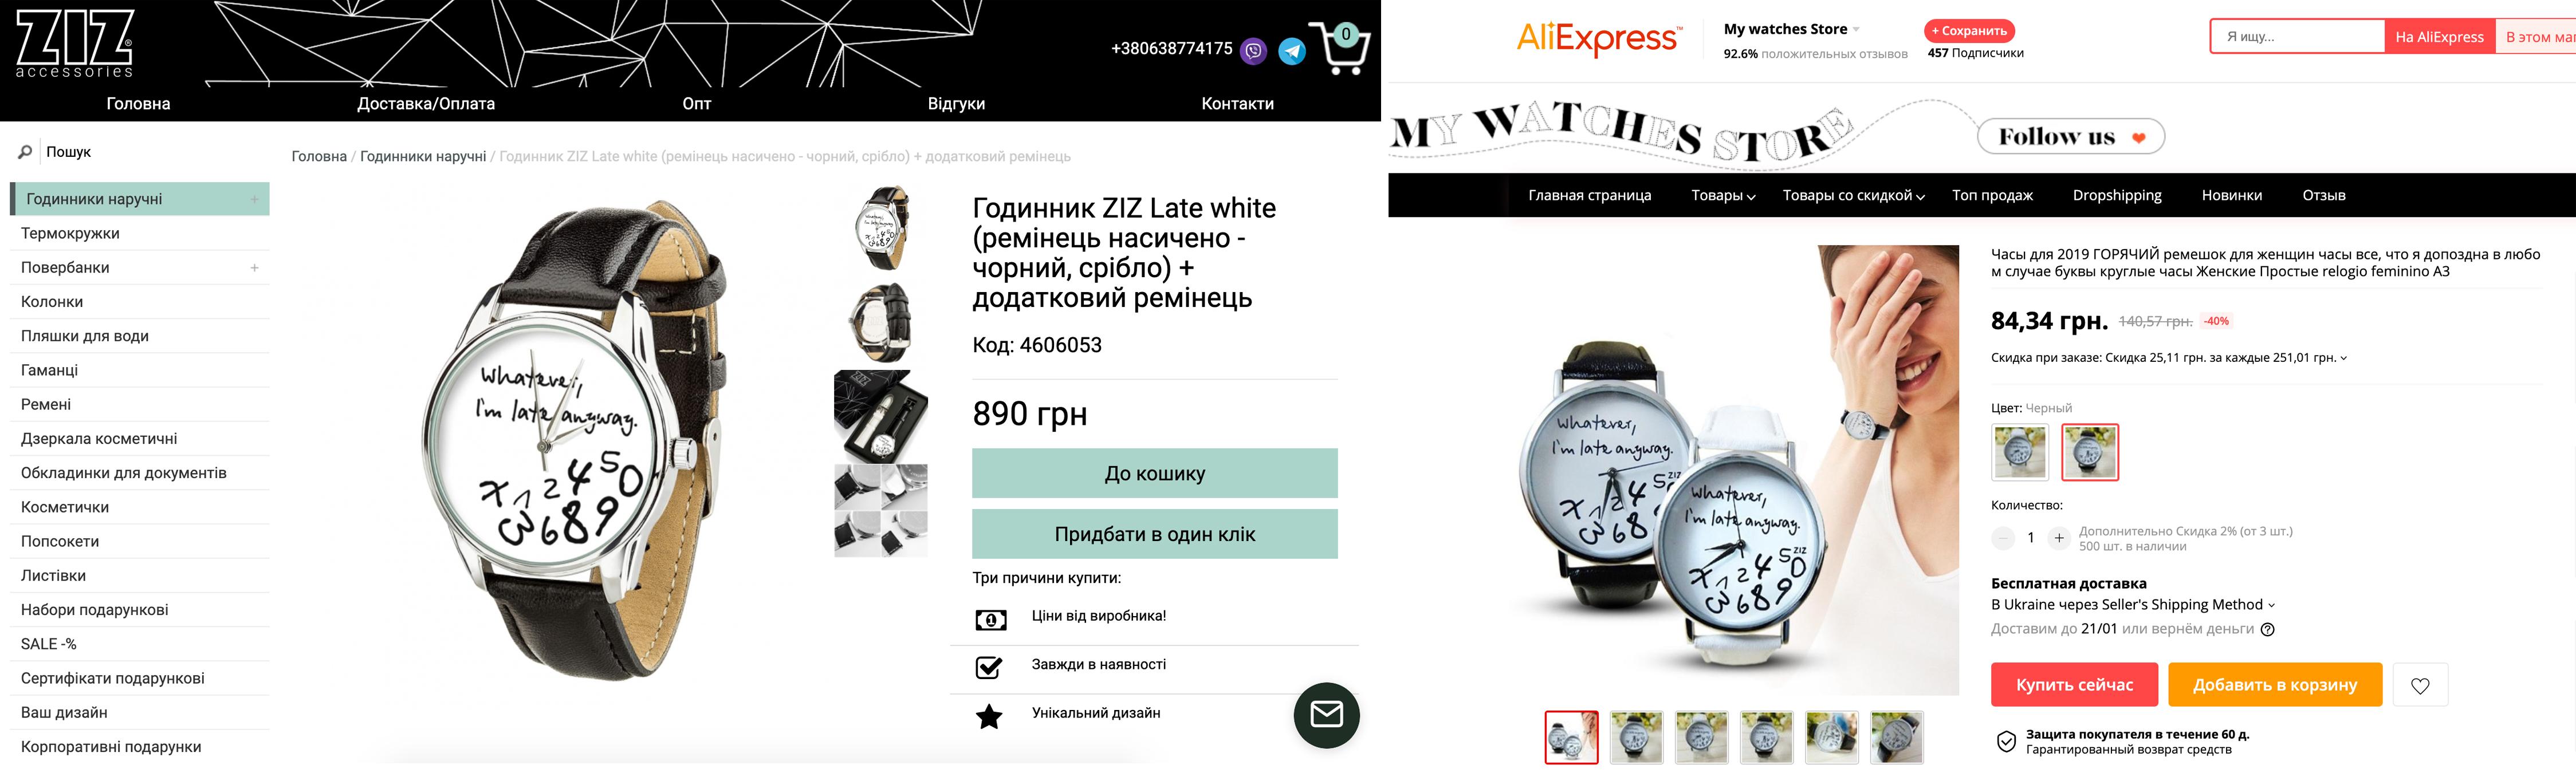 Годинник ZIZ та підробка з AliExpress